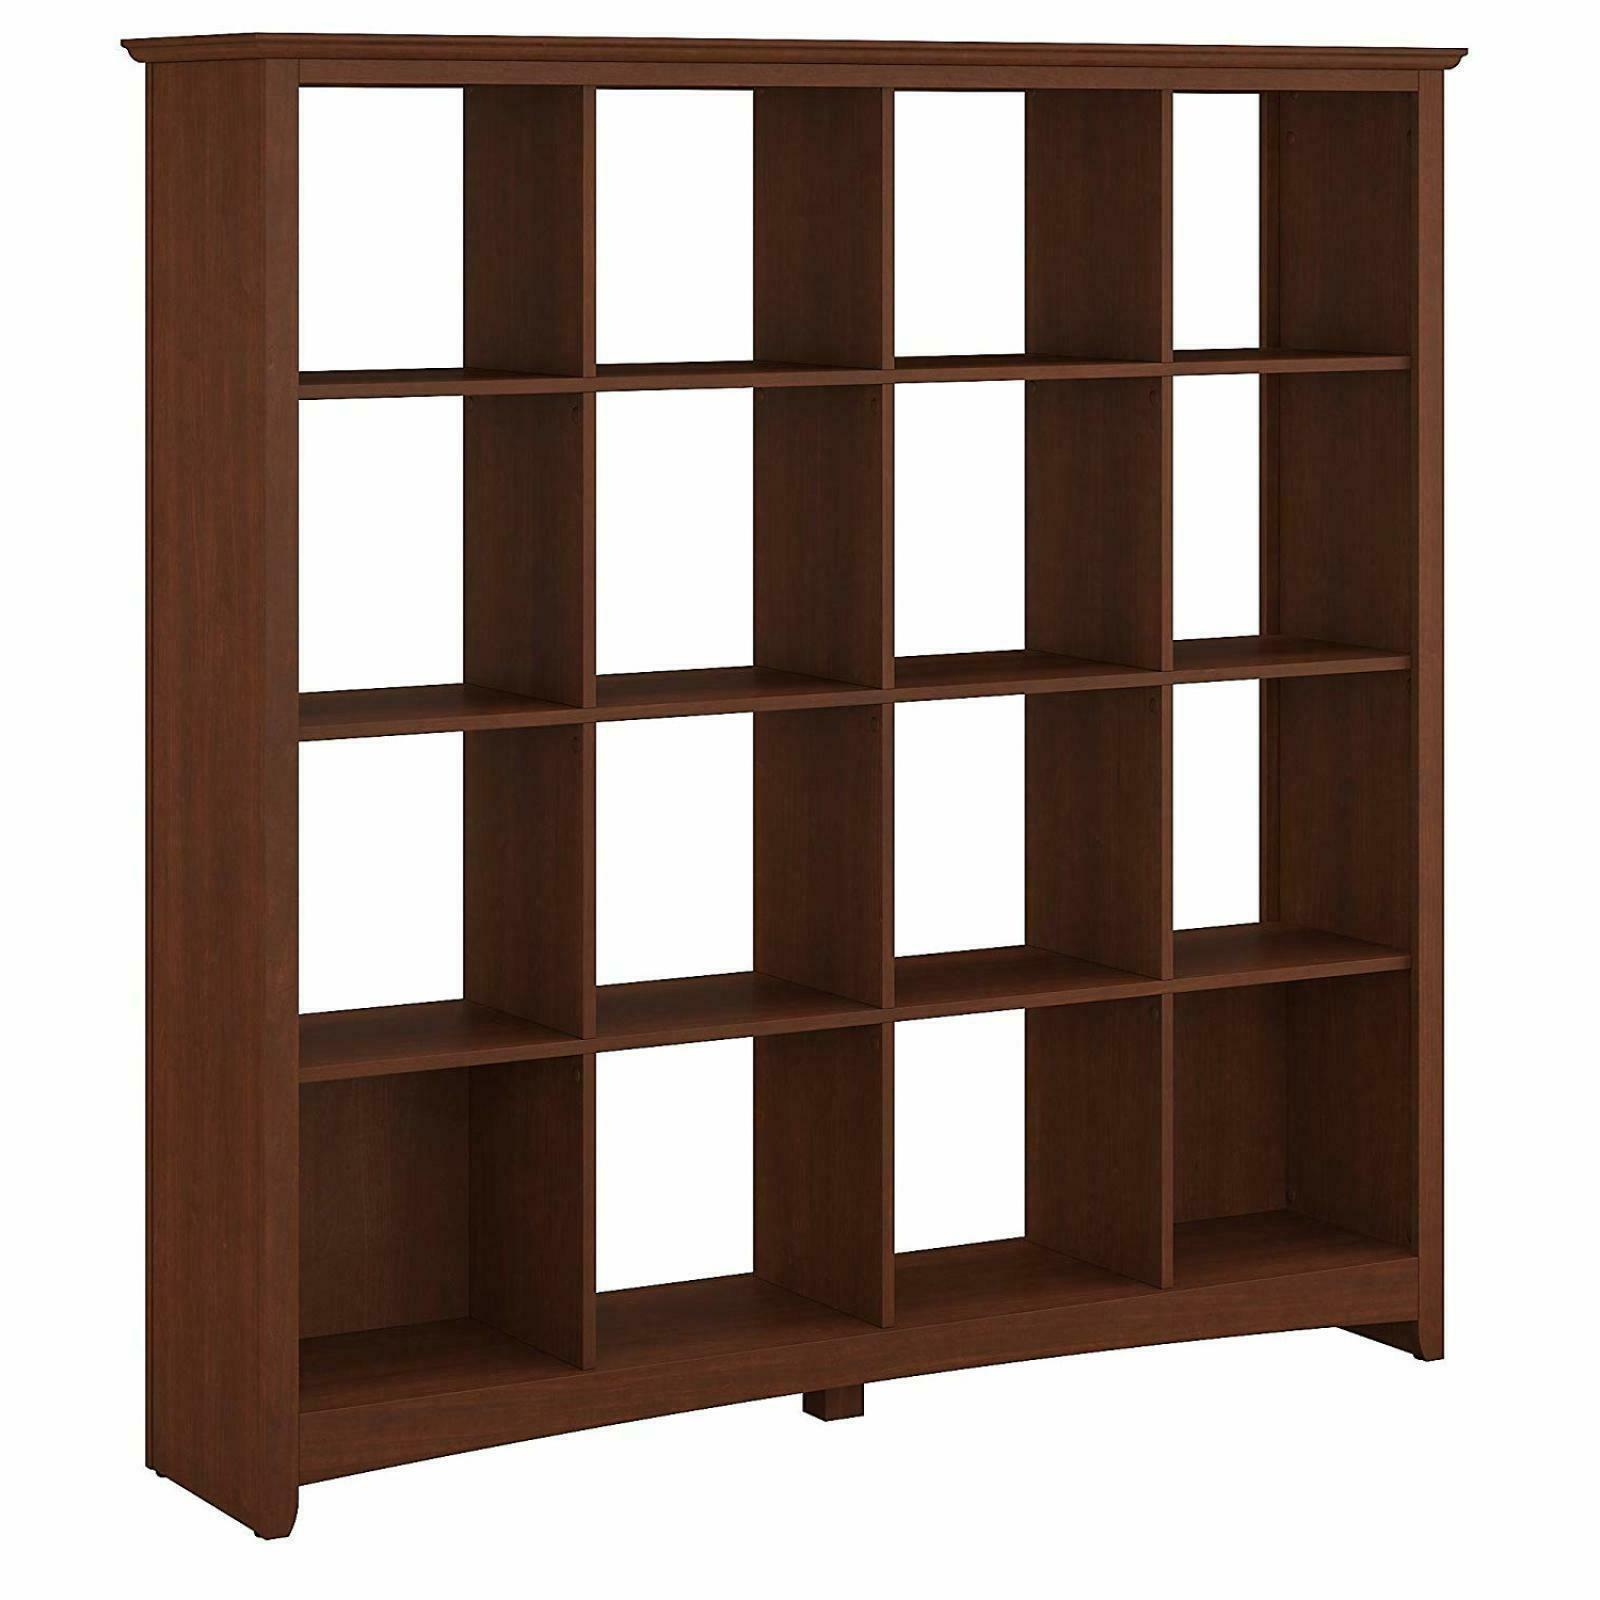 16 cube wood bookshelf serene cherry storage